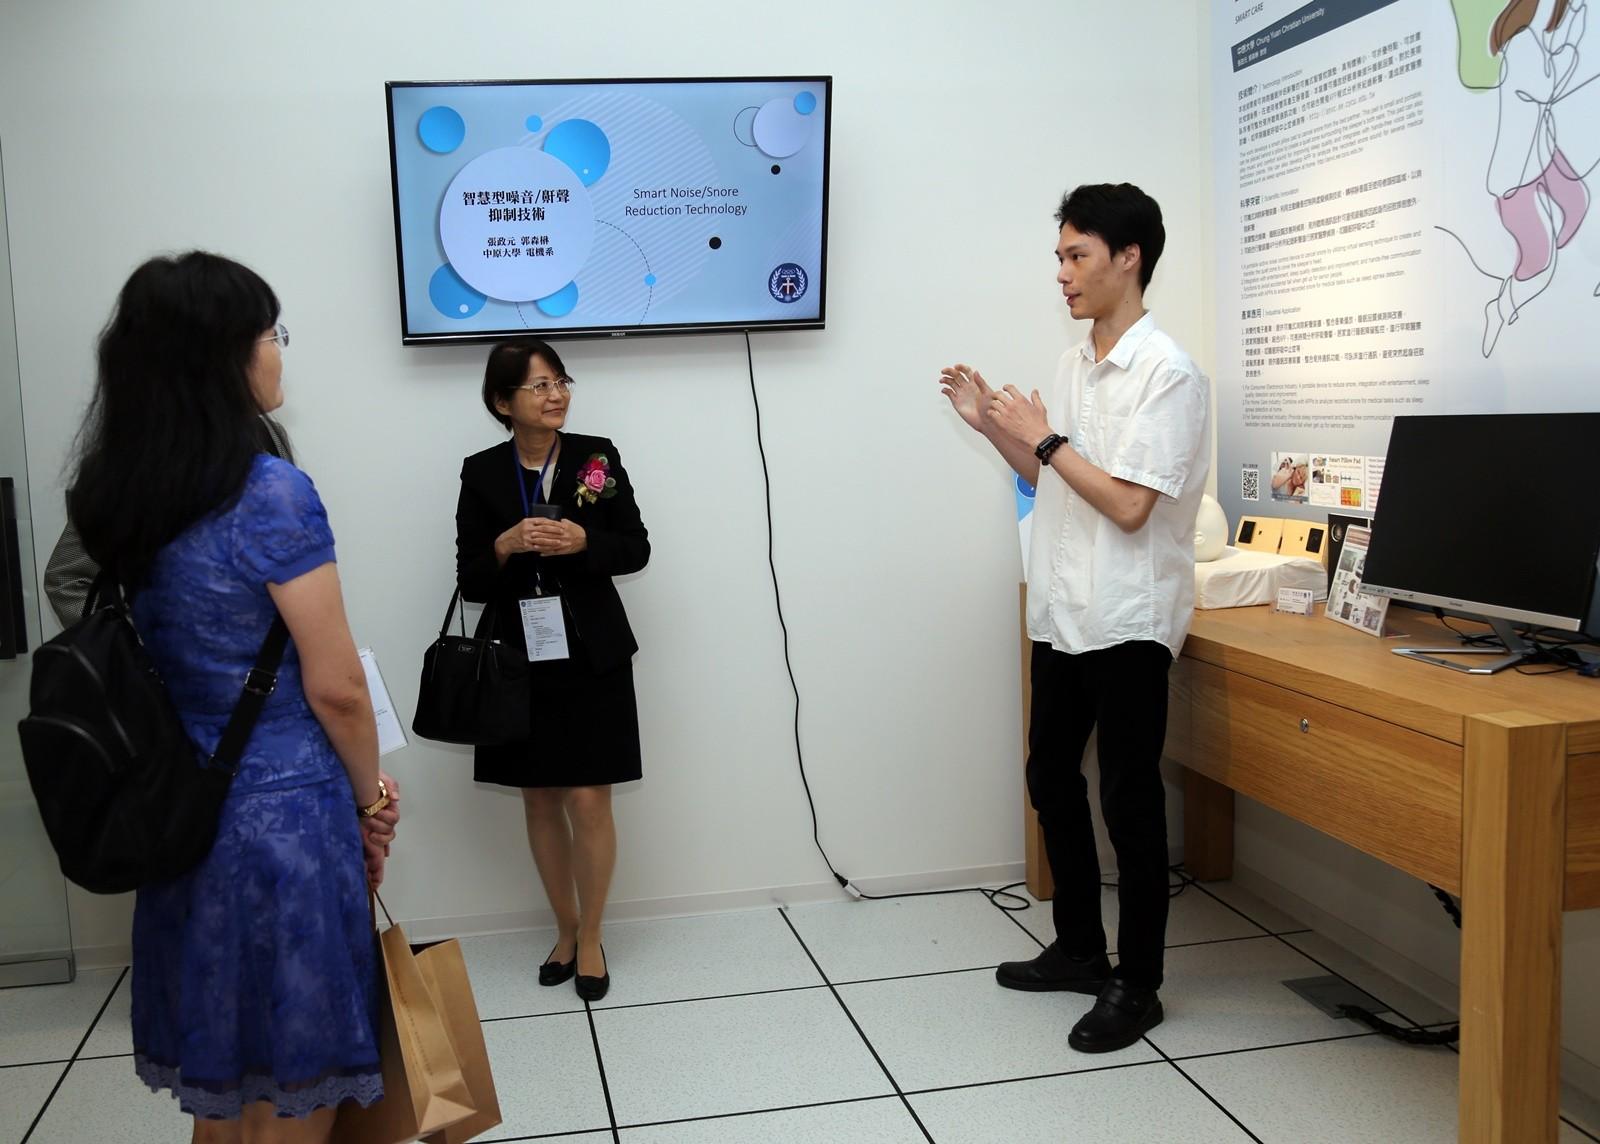 中原大學知行領航館是亞洲矽谷智慧科技應用的重要場域。.JPG